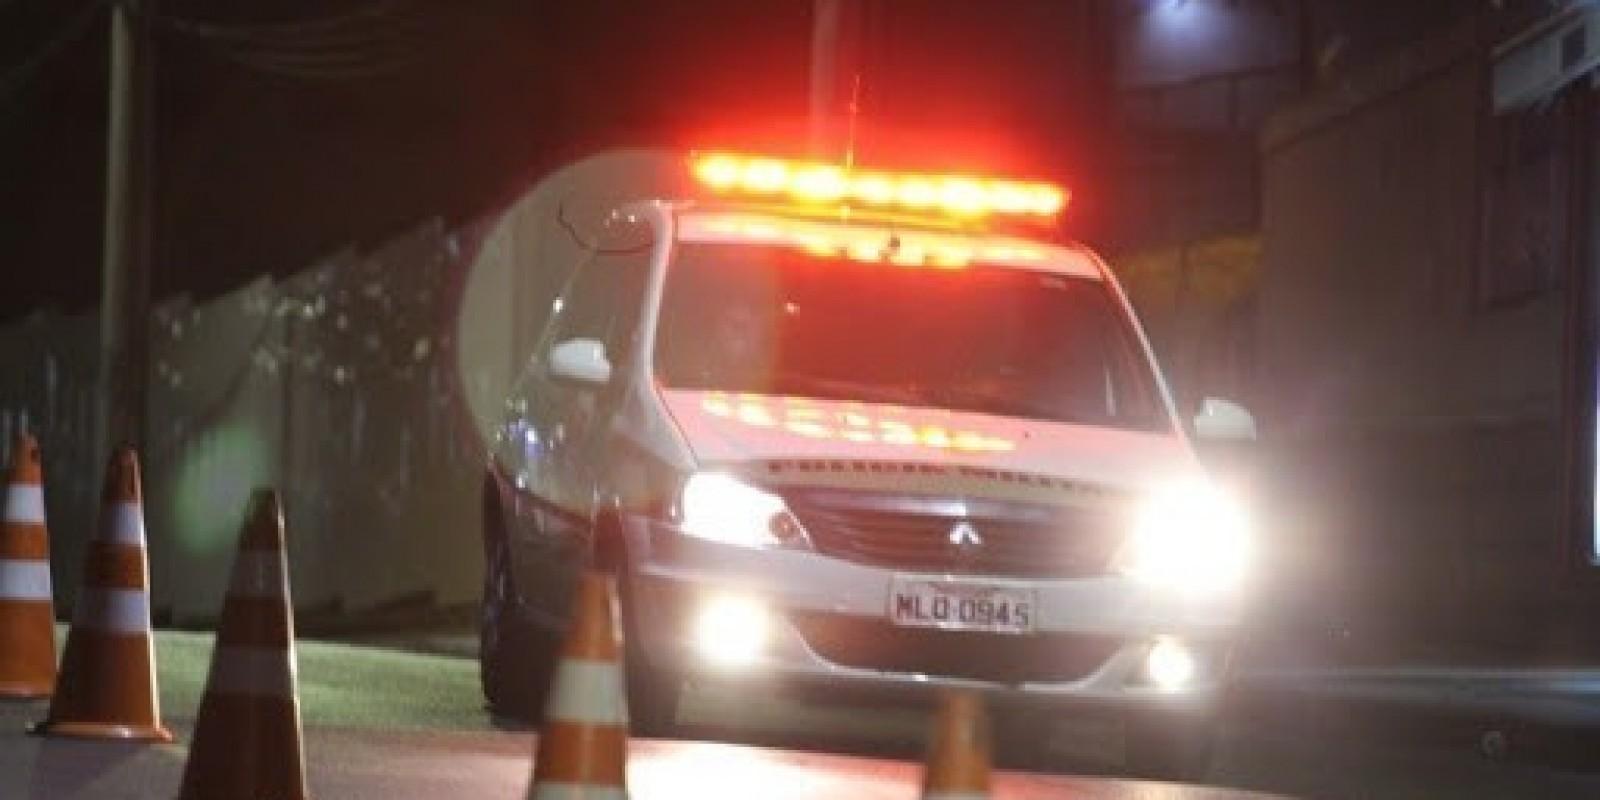 Motociclista fica gravemente ferida após colidir na lateral de veículo em Cocal do Sul